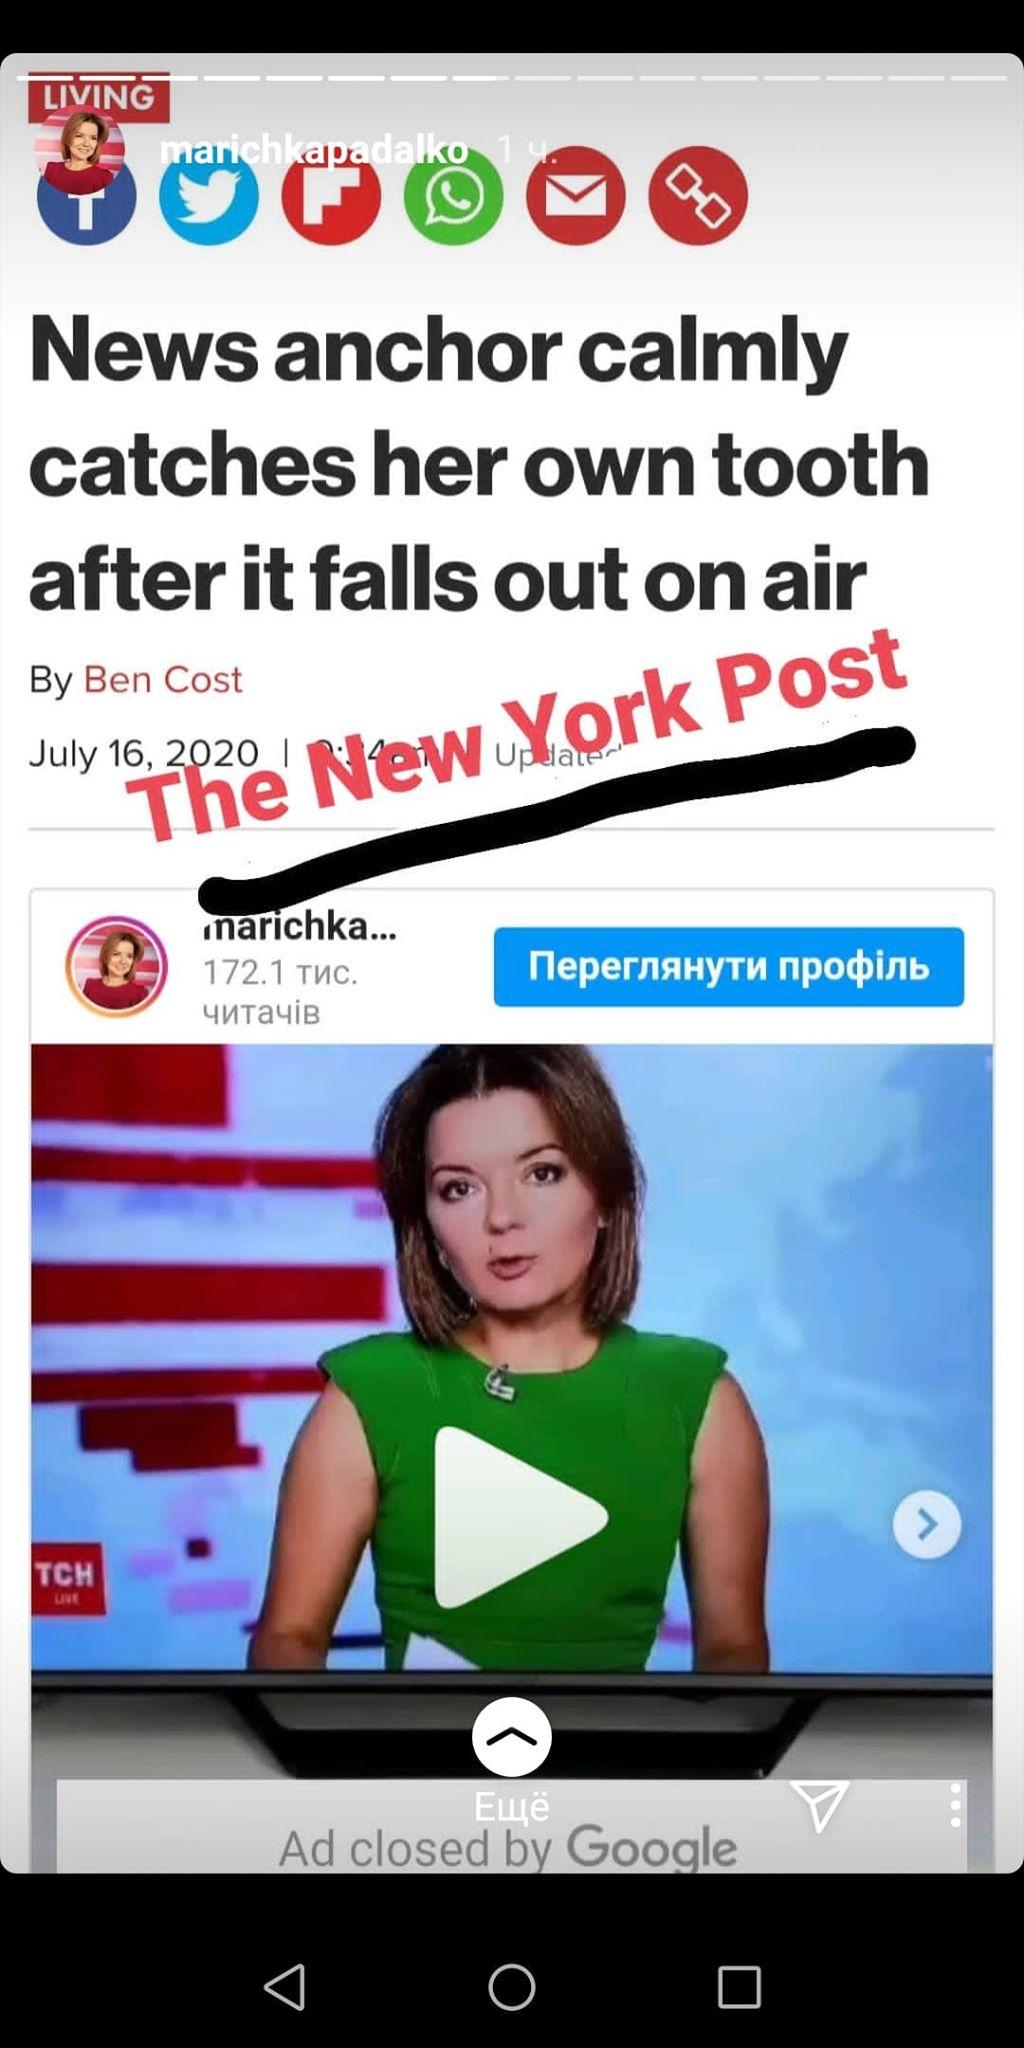 Улыбка Падалко: Украинские звезды и международные СМИ прокомментировали инцидент